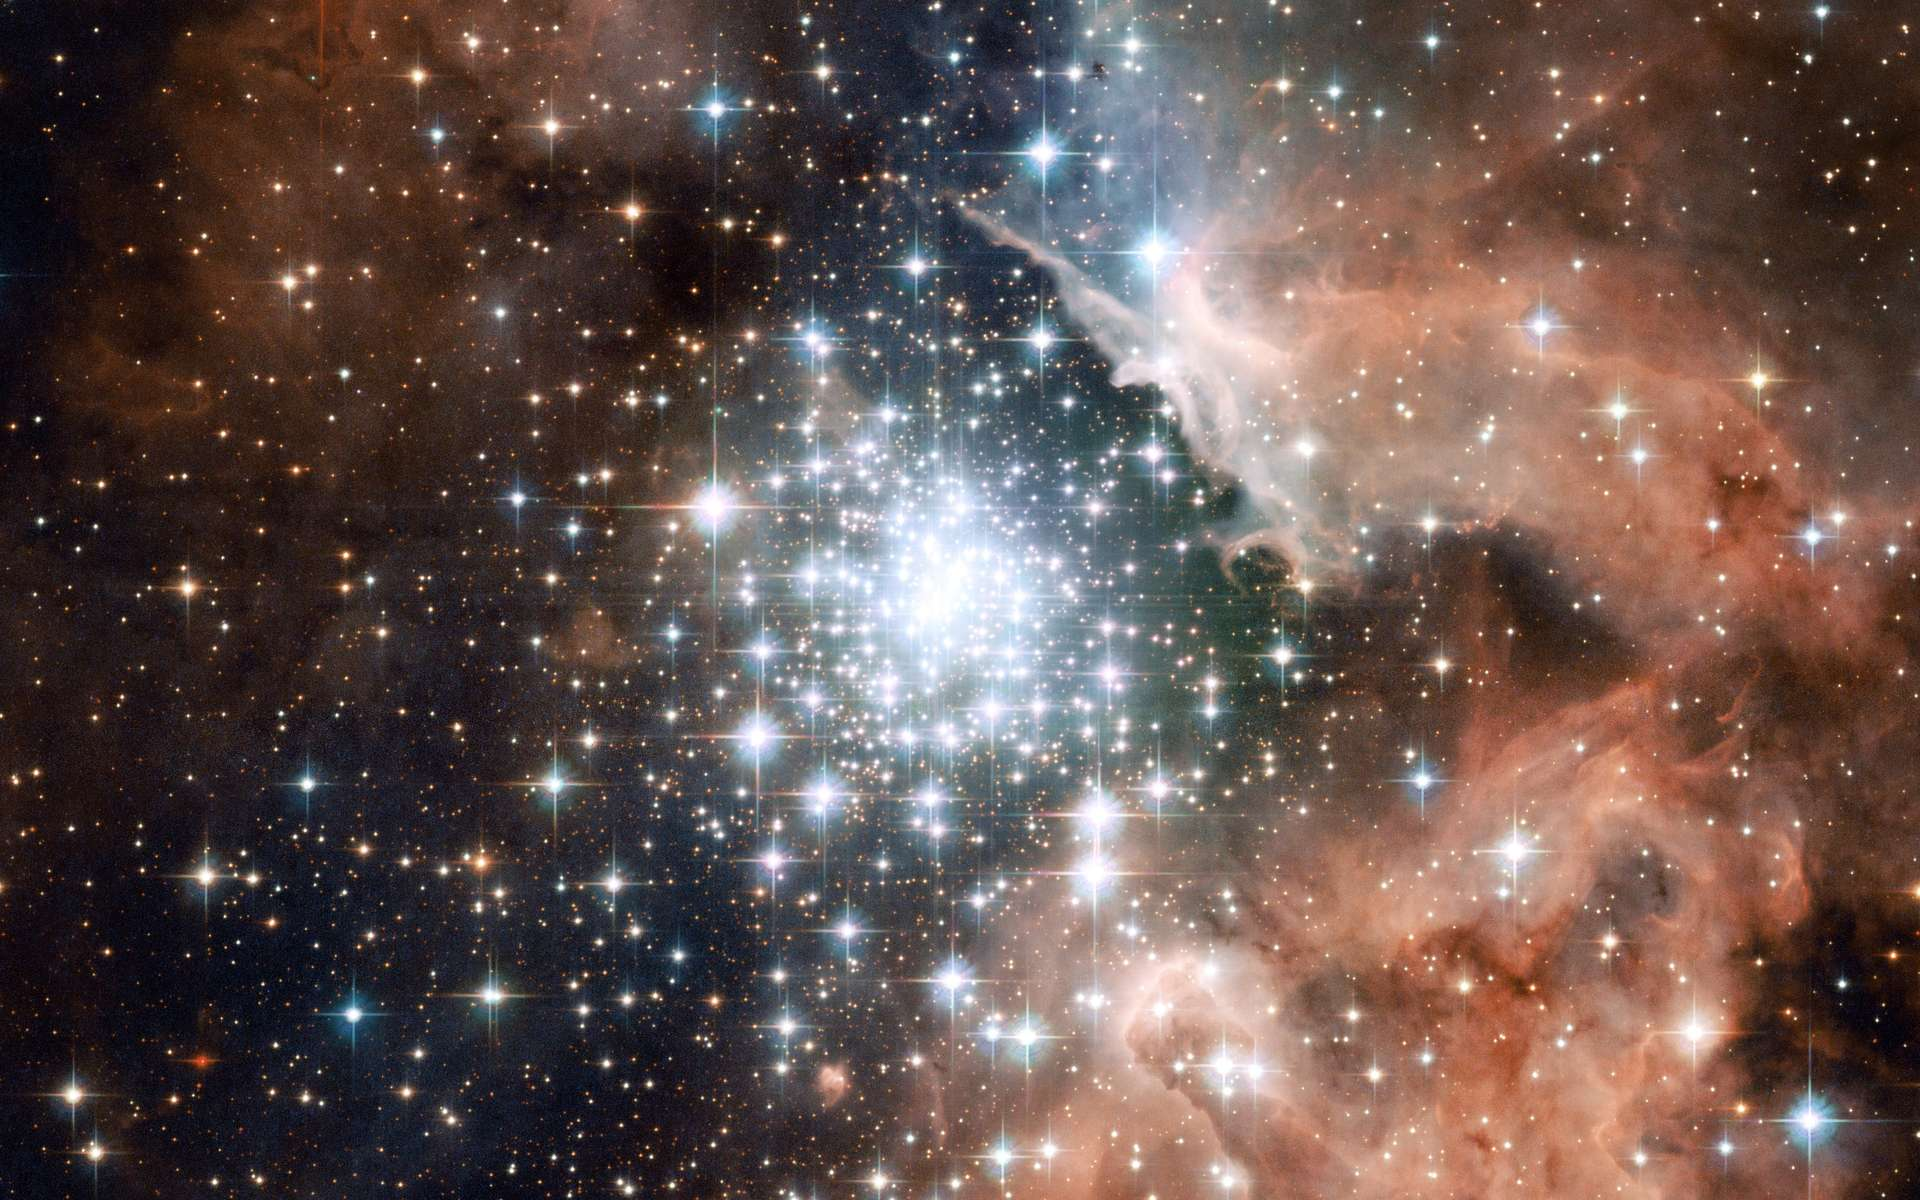 Sommes-nous faits de poussières d'étoiles ? Ici, la région de formation stellaire NGC 3603. Ces centaines d'étoiles nouveau-nées ont agrégé le gaz et la poussière qui les entourent comme l'a fait notre Soleil il y a 4,6 milliards d'années. © Nasa, ESA, Hubble Heritage (STScI/AURA)